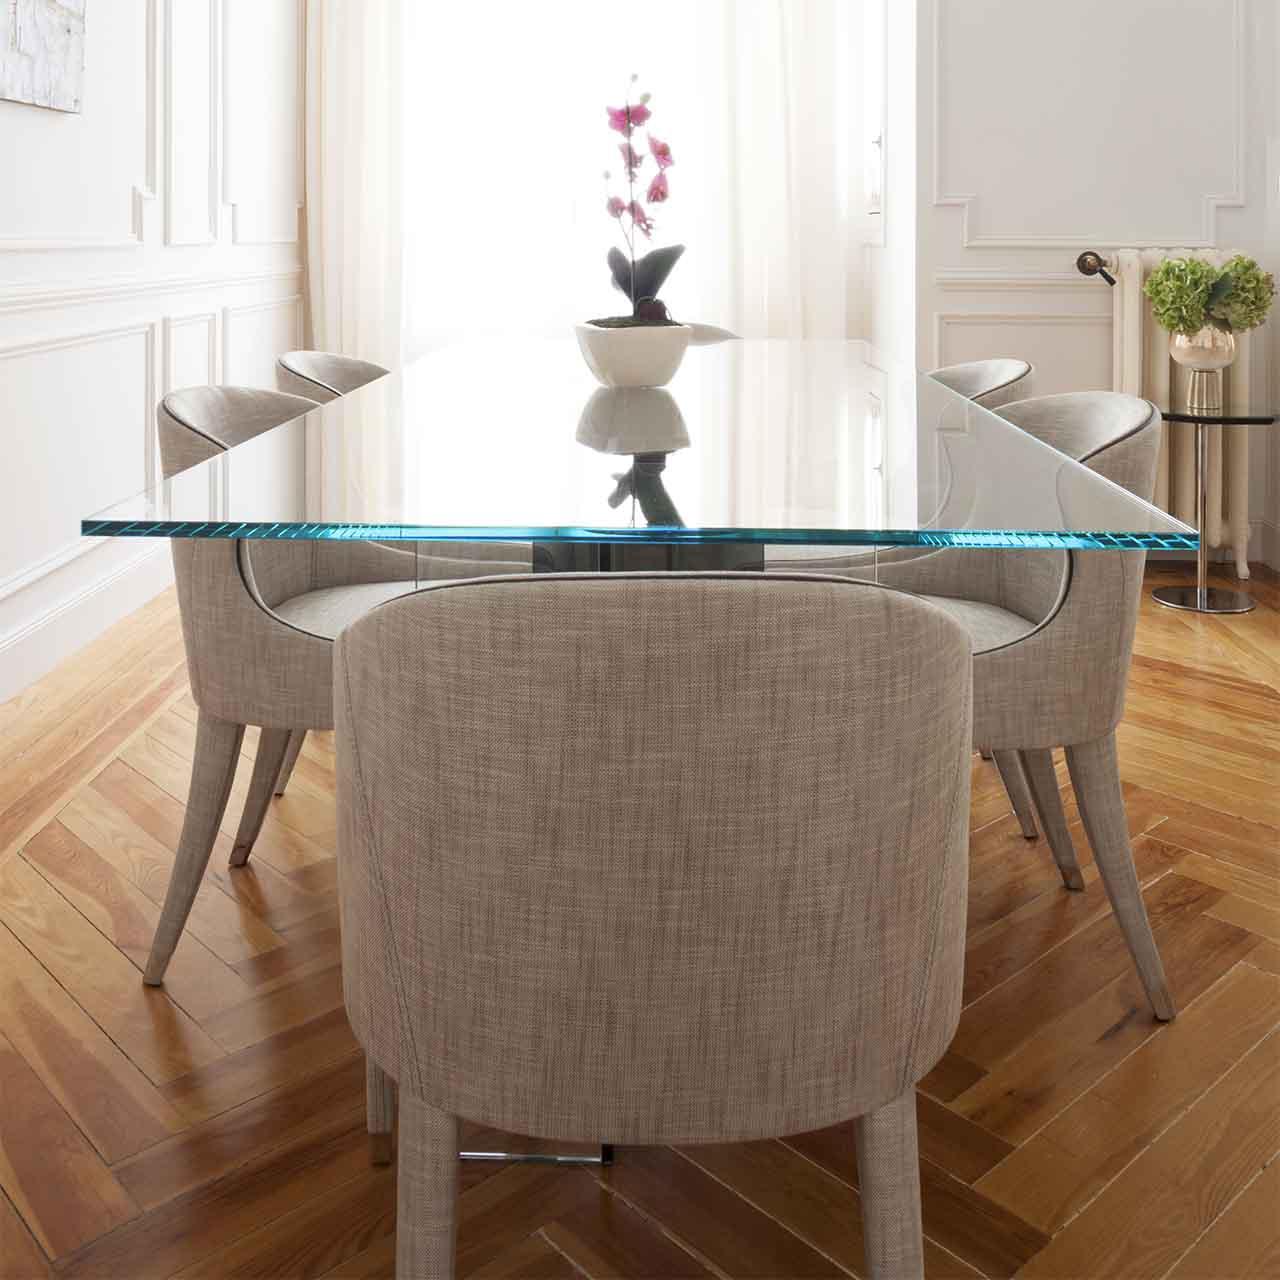 Interiorismo de viviendas alicia mesa dise adora de for Disenadora de interiores